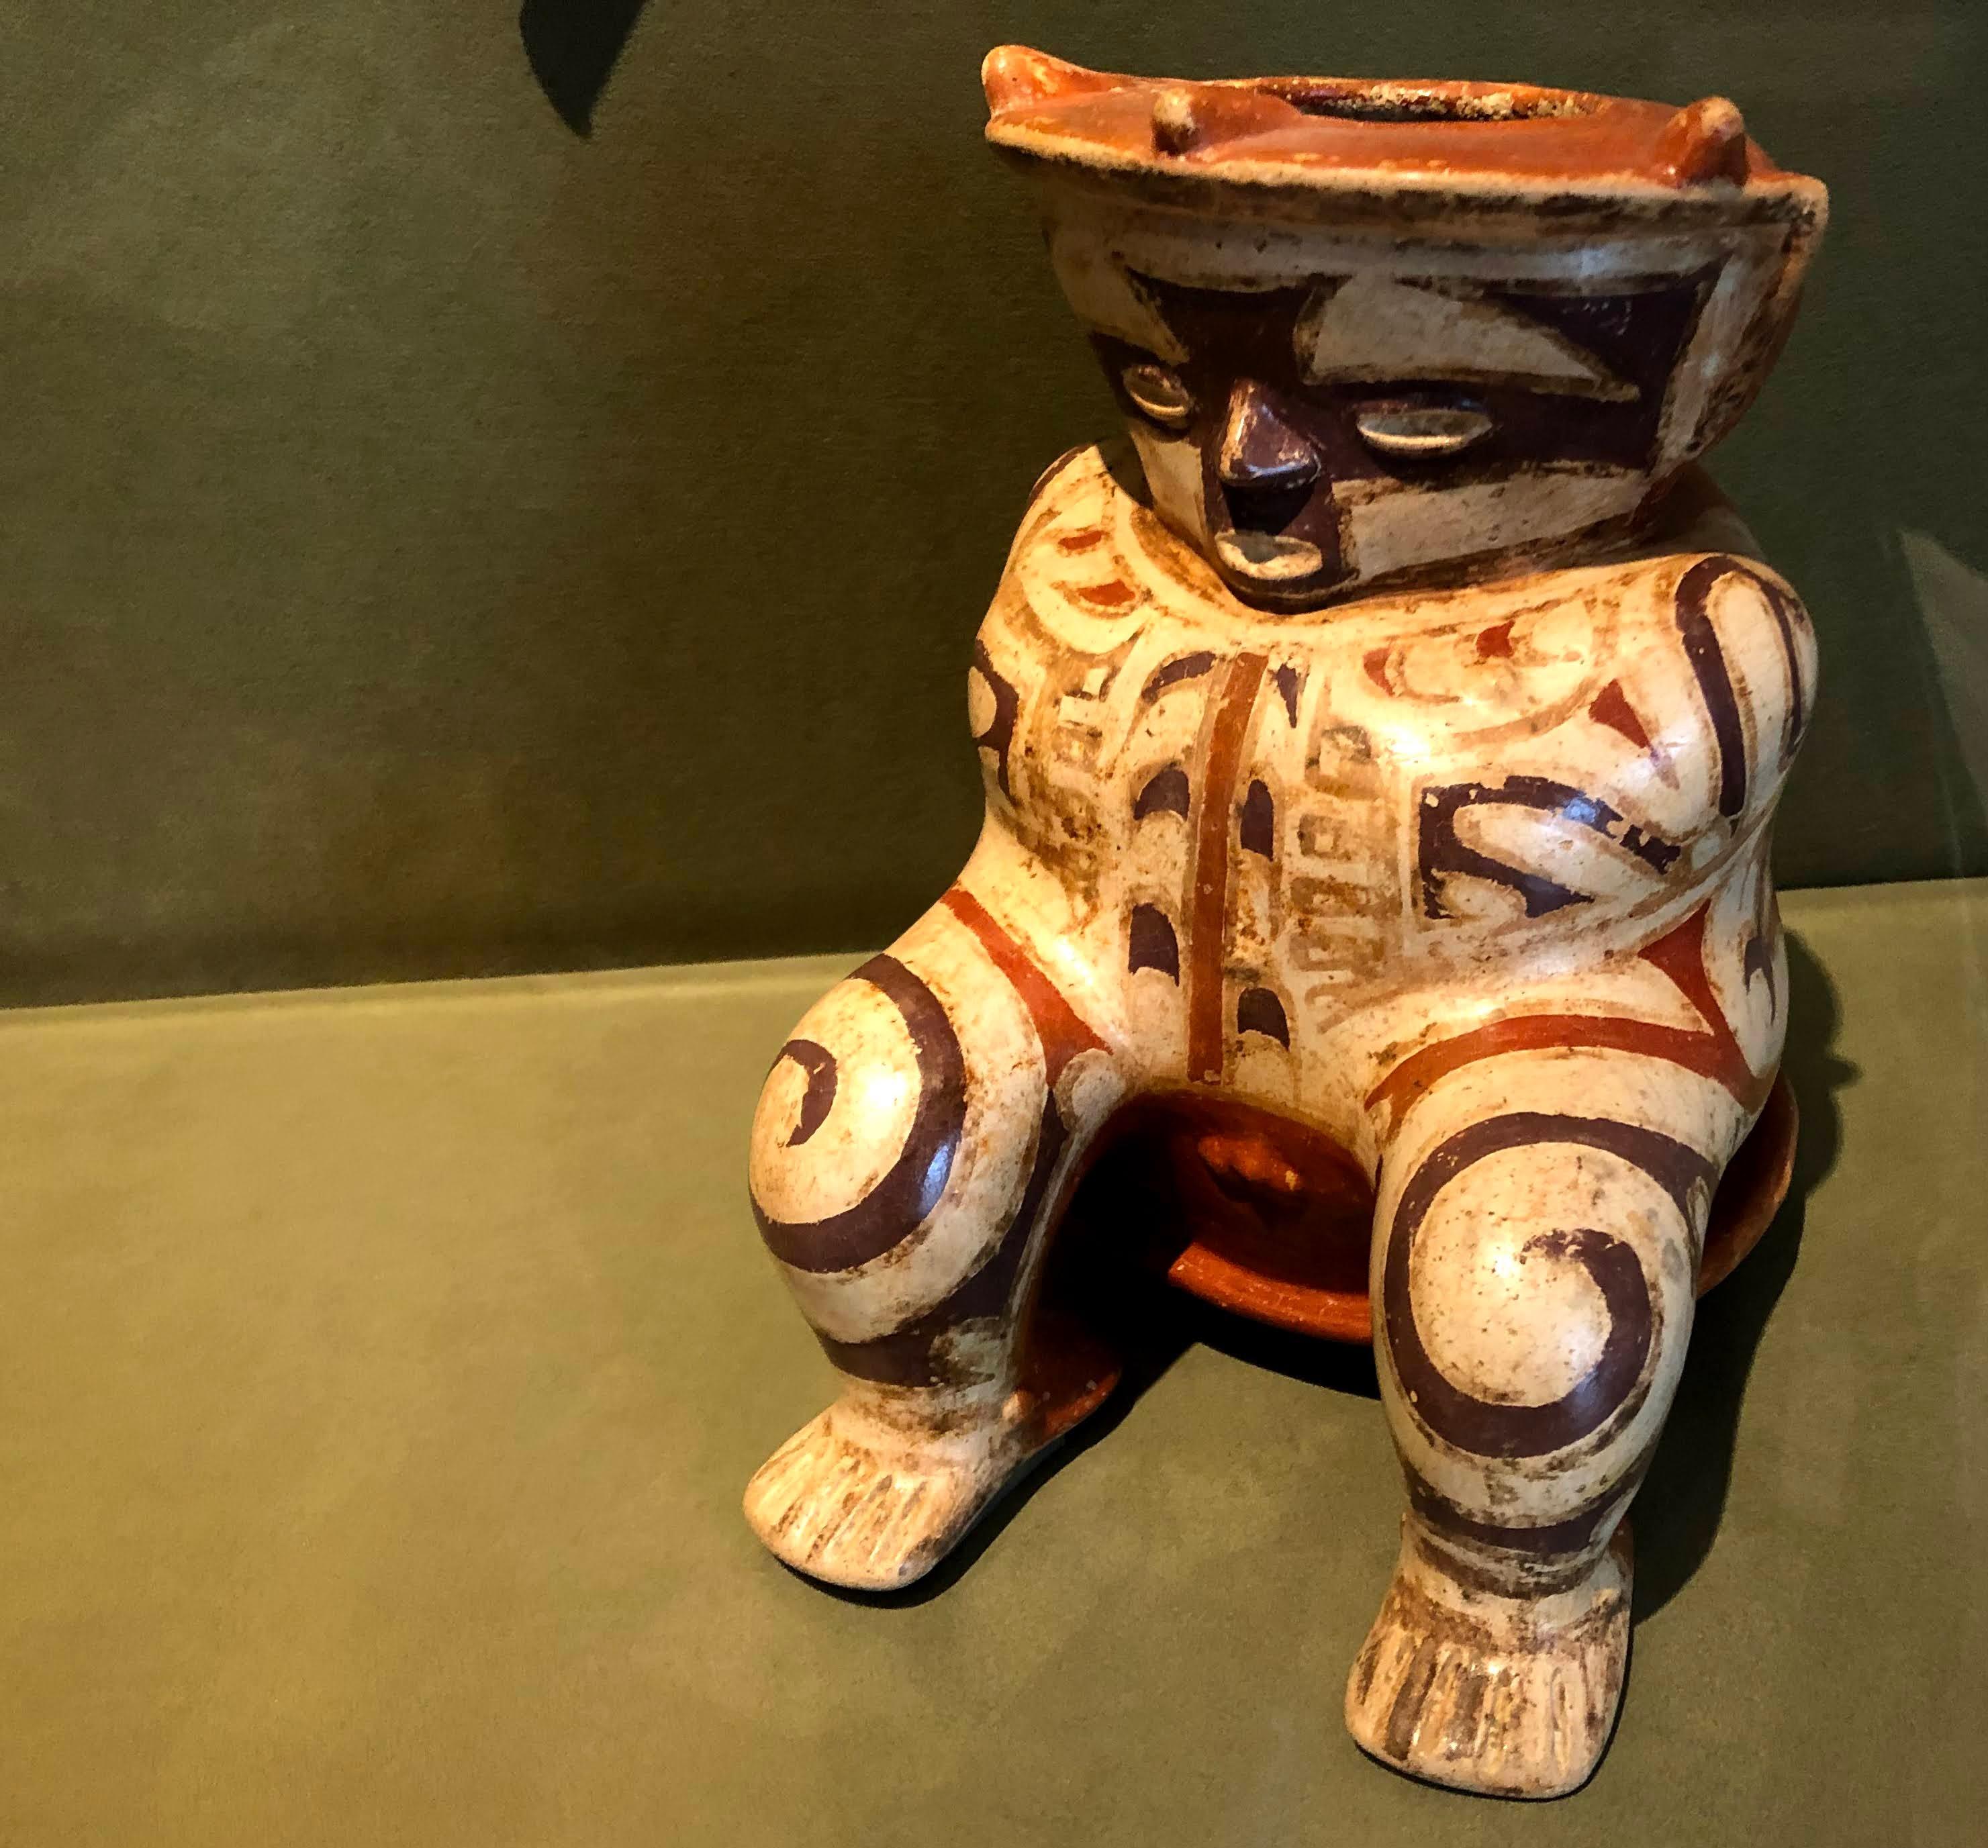 Hunchbacked figure vessel